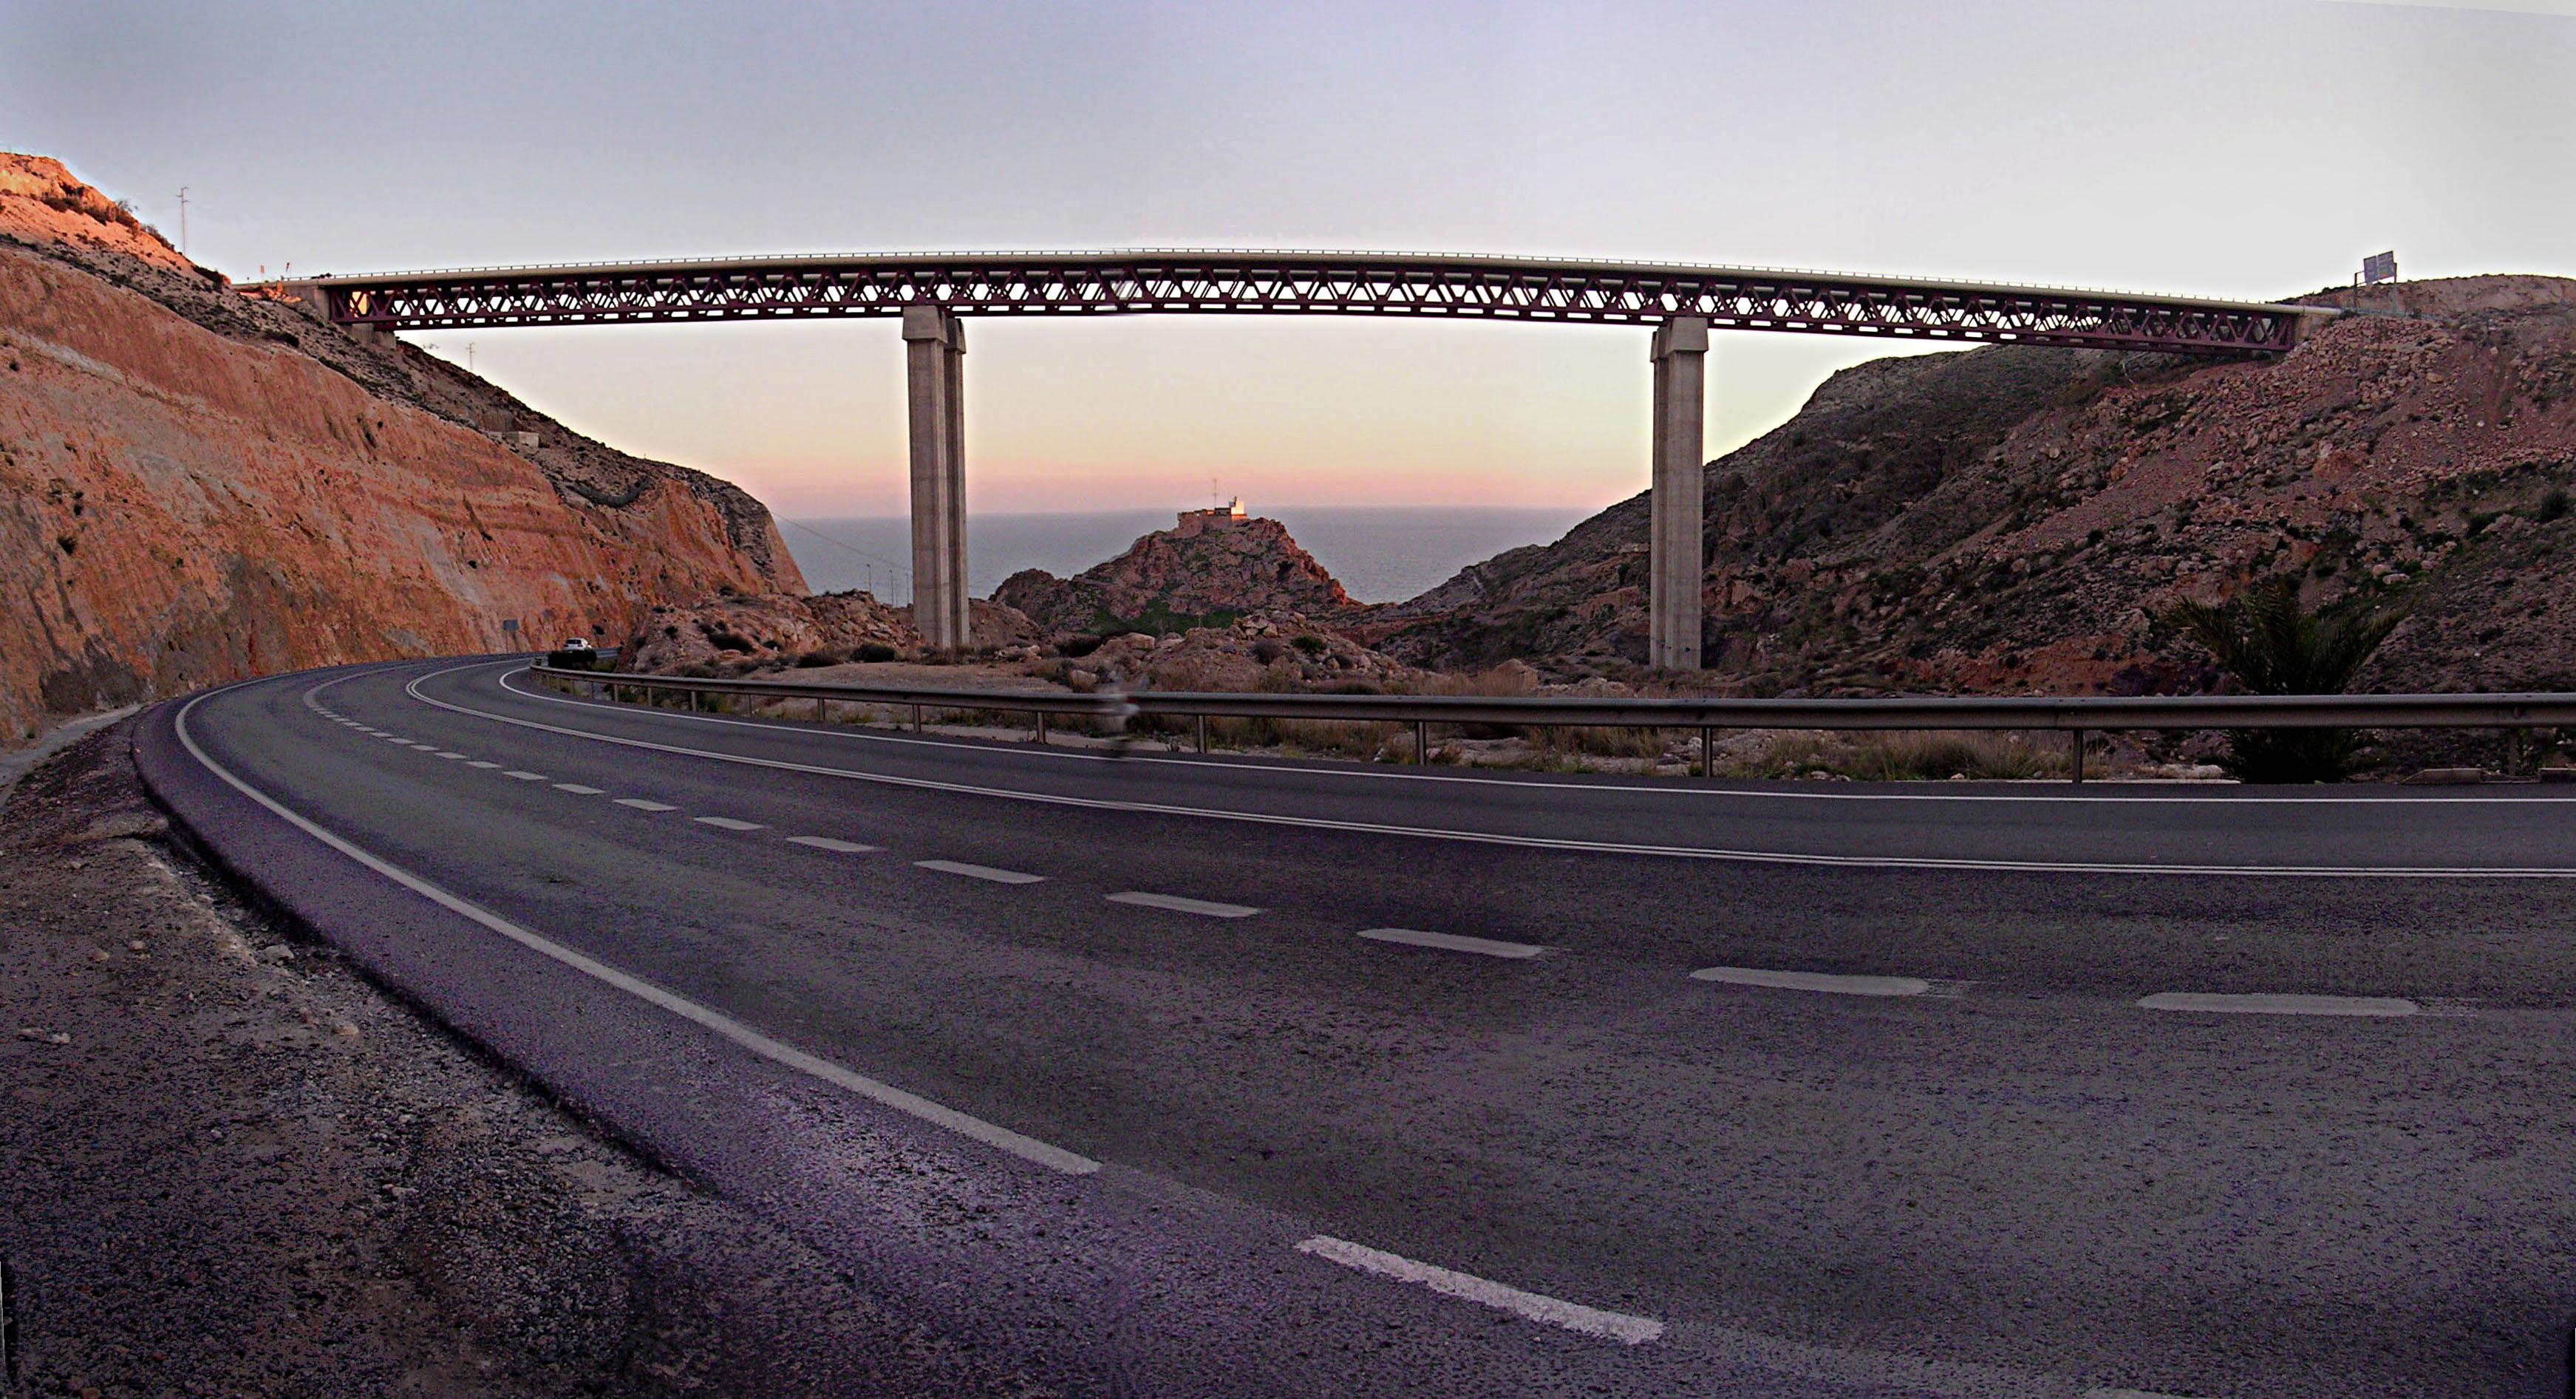 Foto playa La Garrofa / Camping de La Garrofa. El puente de Bayyana